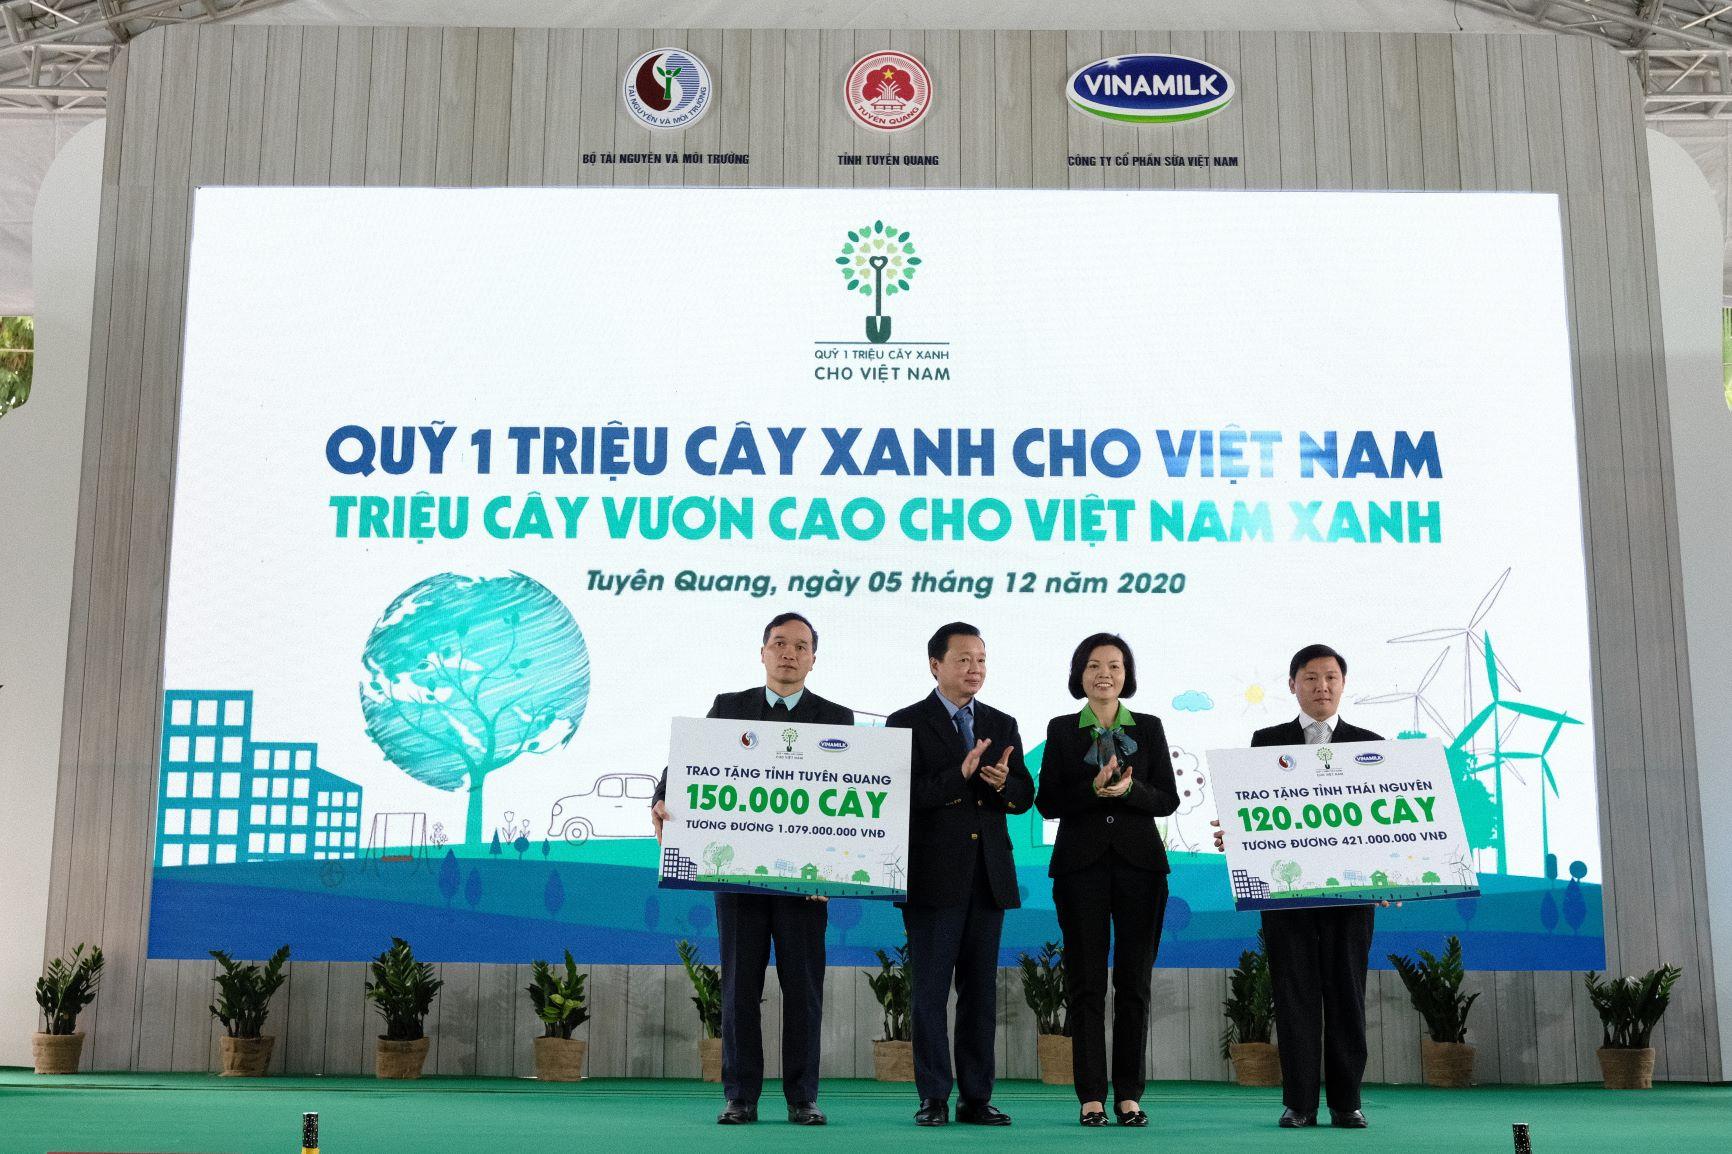 """Quỹ 1 triệu cây xanh cho Việt Nam của Vinamilk - Chương trình vì môi trường tạo được """"dấu ấn xanh"""" đặc biệt với cộng đồng 6"""